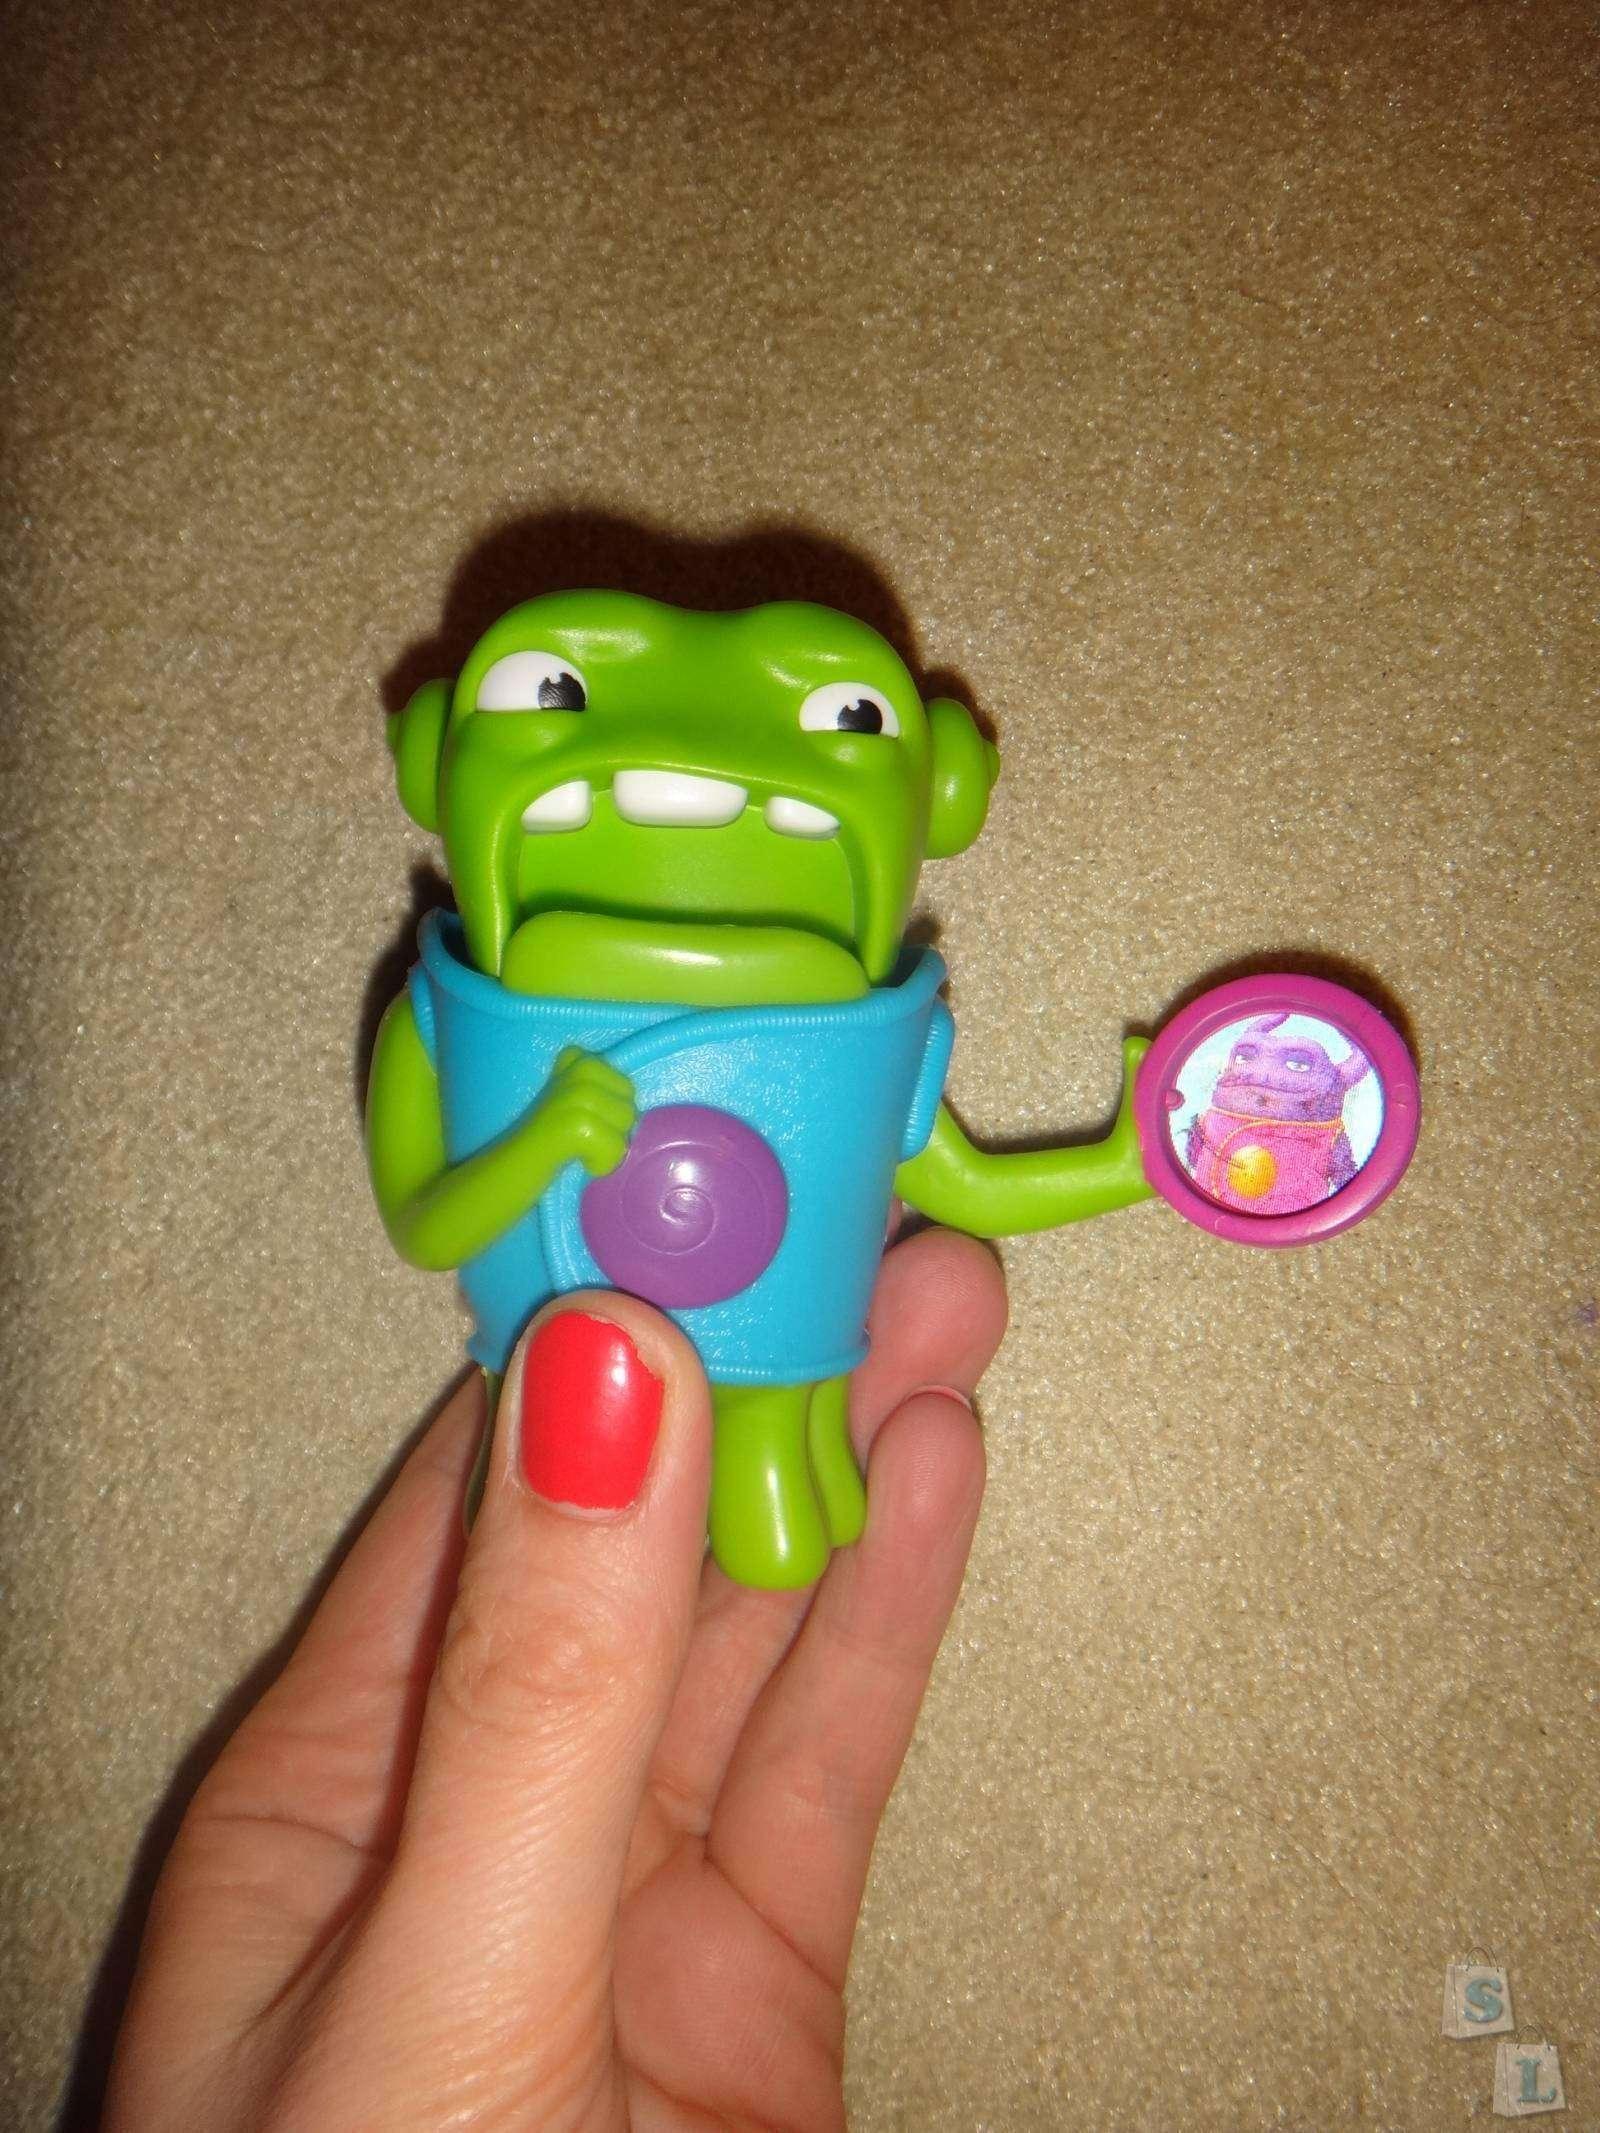 Другие: Обзор игрушек из МакДоналдс Бувы-пришельцы из мультика Дом в Хеппи Мил